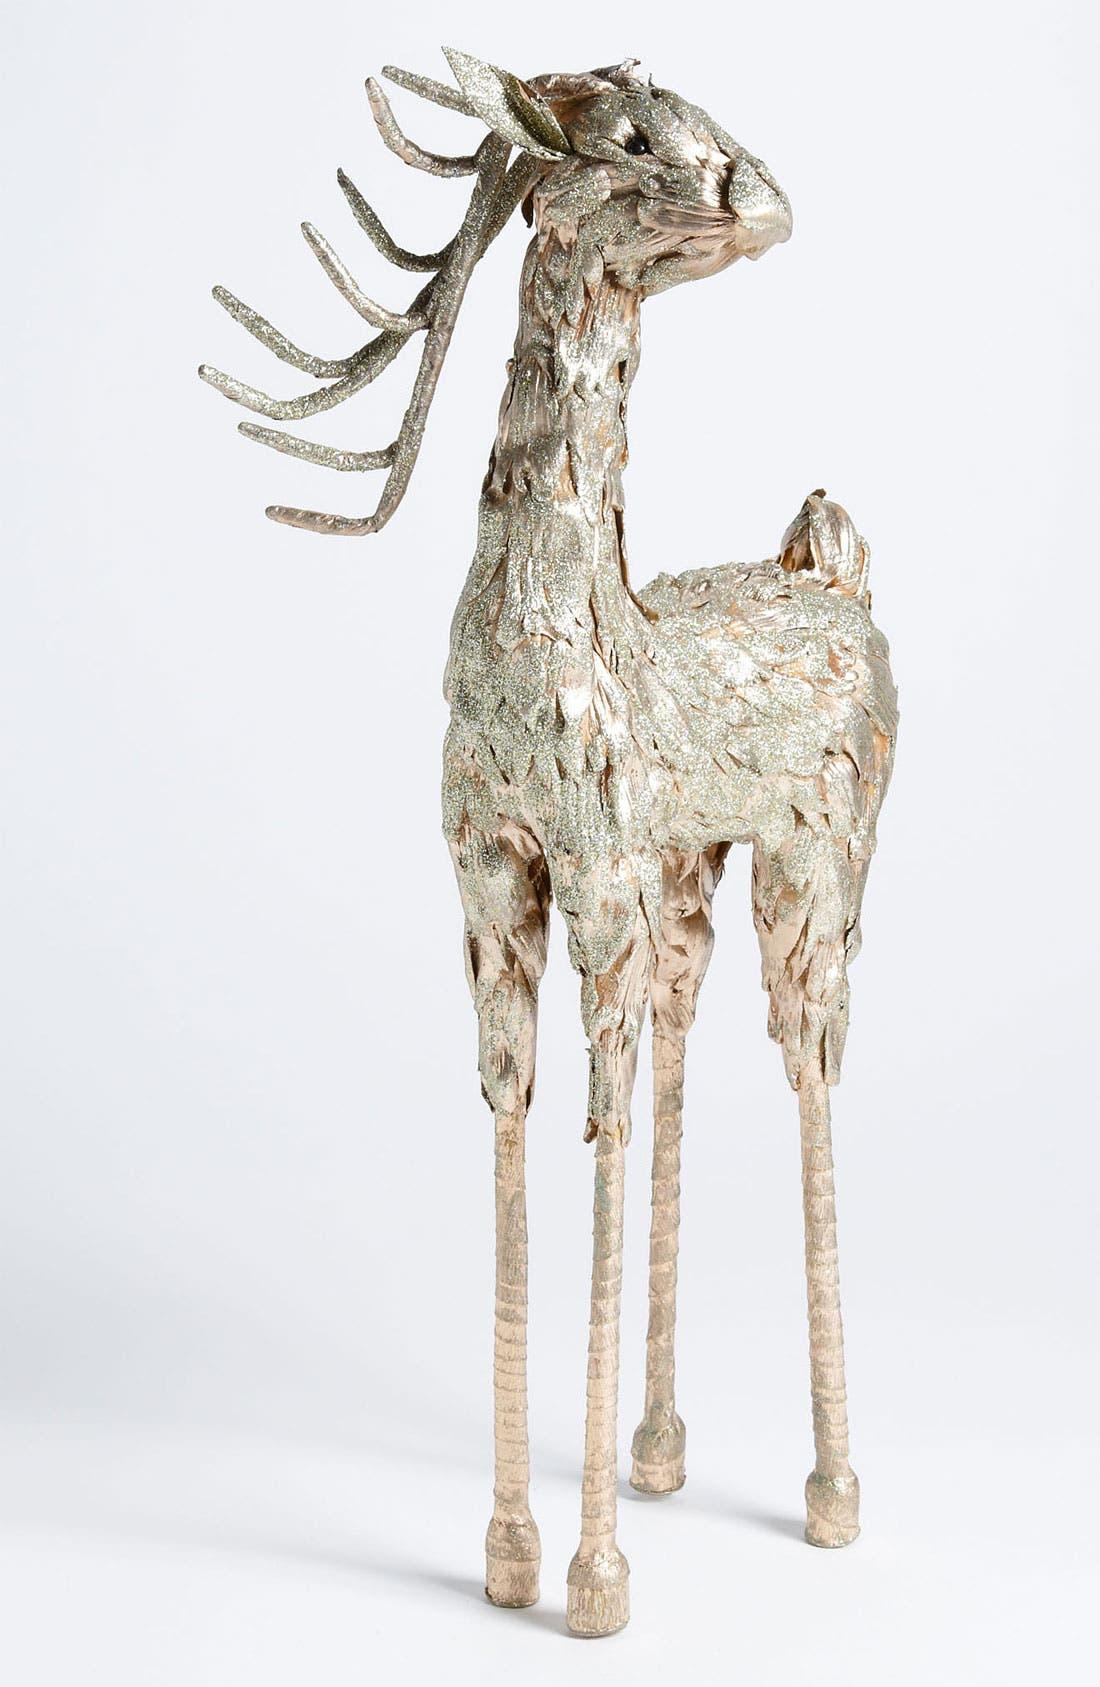 Alternate Image 1 Selected - Jim Marvin 'Standing Reindeer' Figurine